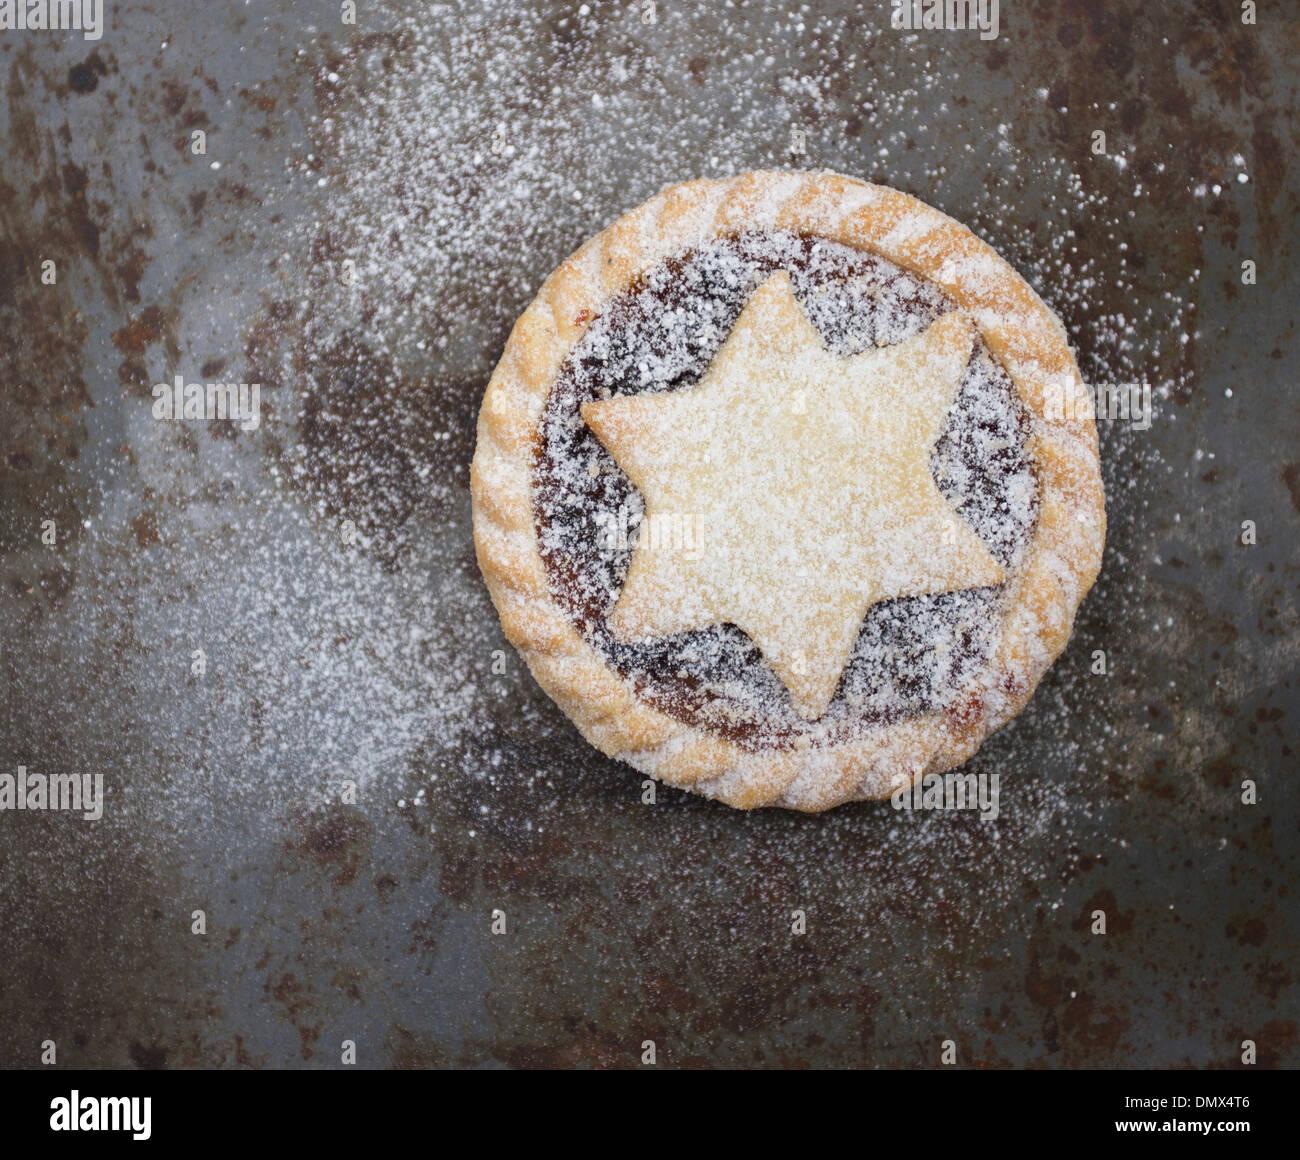 Unico fatto in casa dello zucchero a velo spolverato tritare la torta rustica grigio superficie metallica Immagini Stock